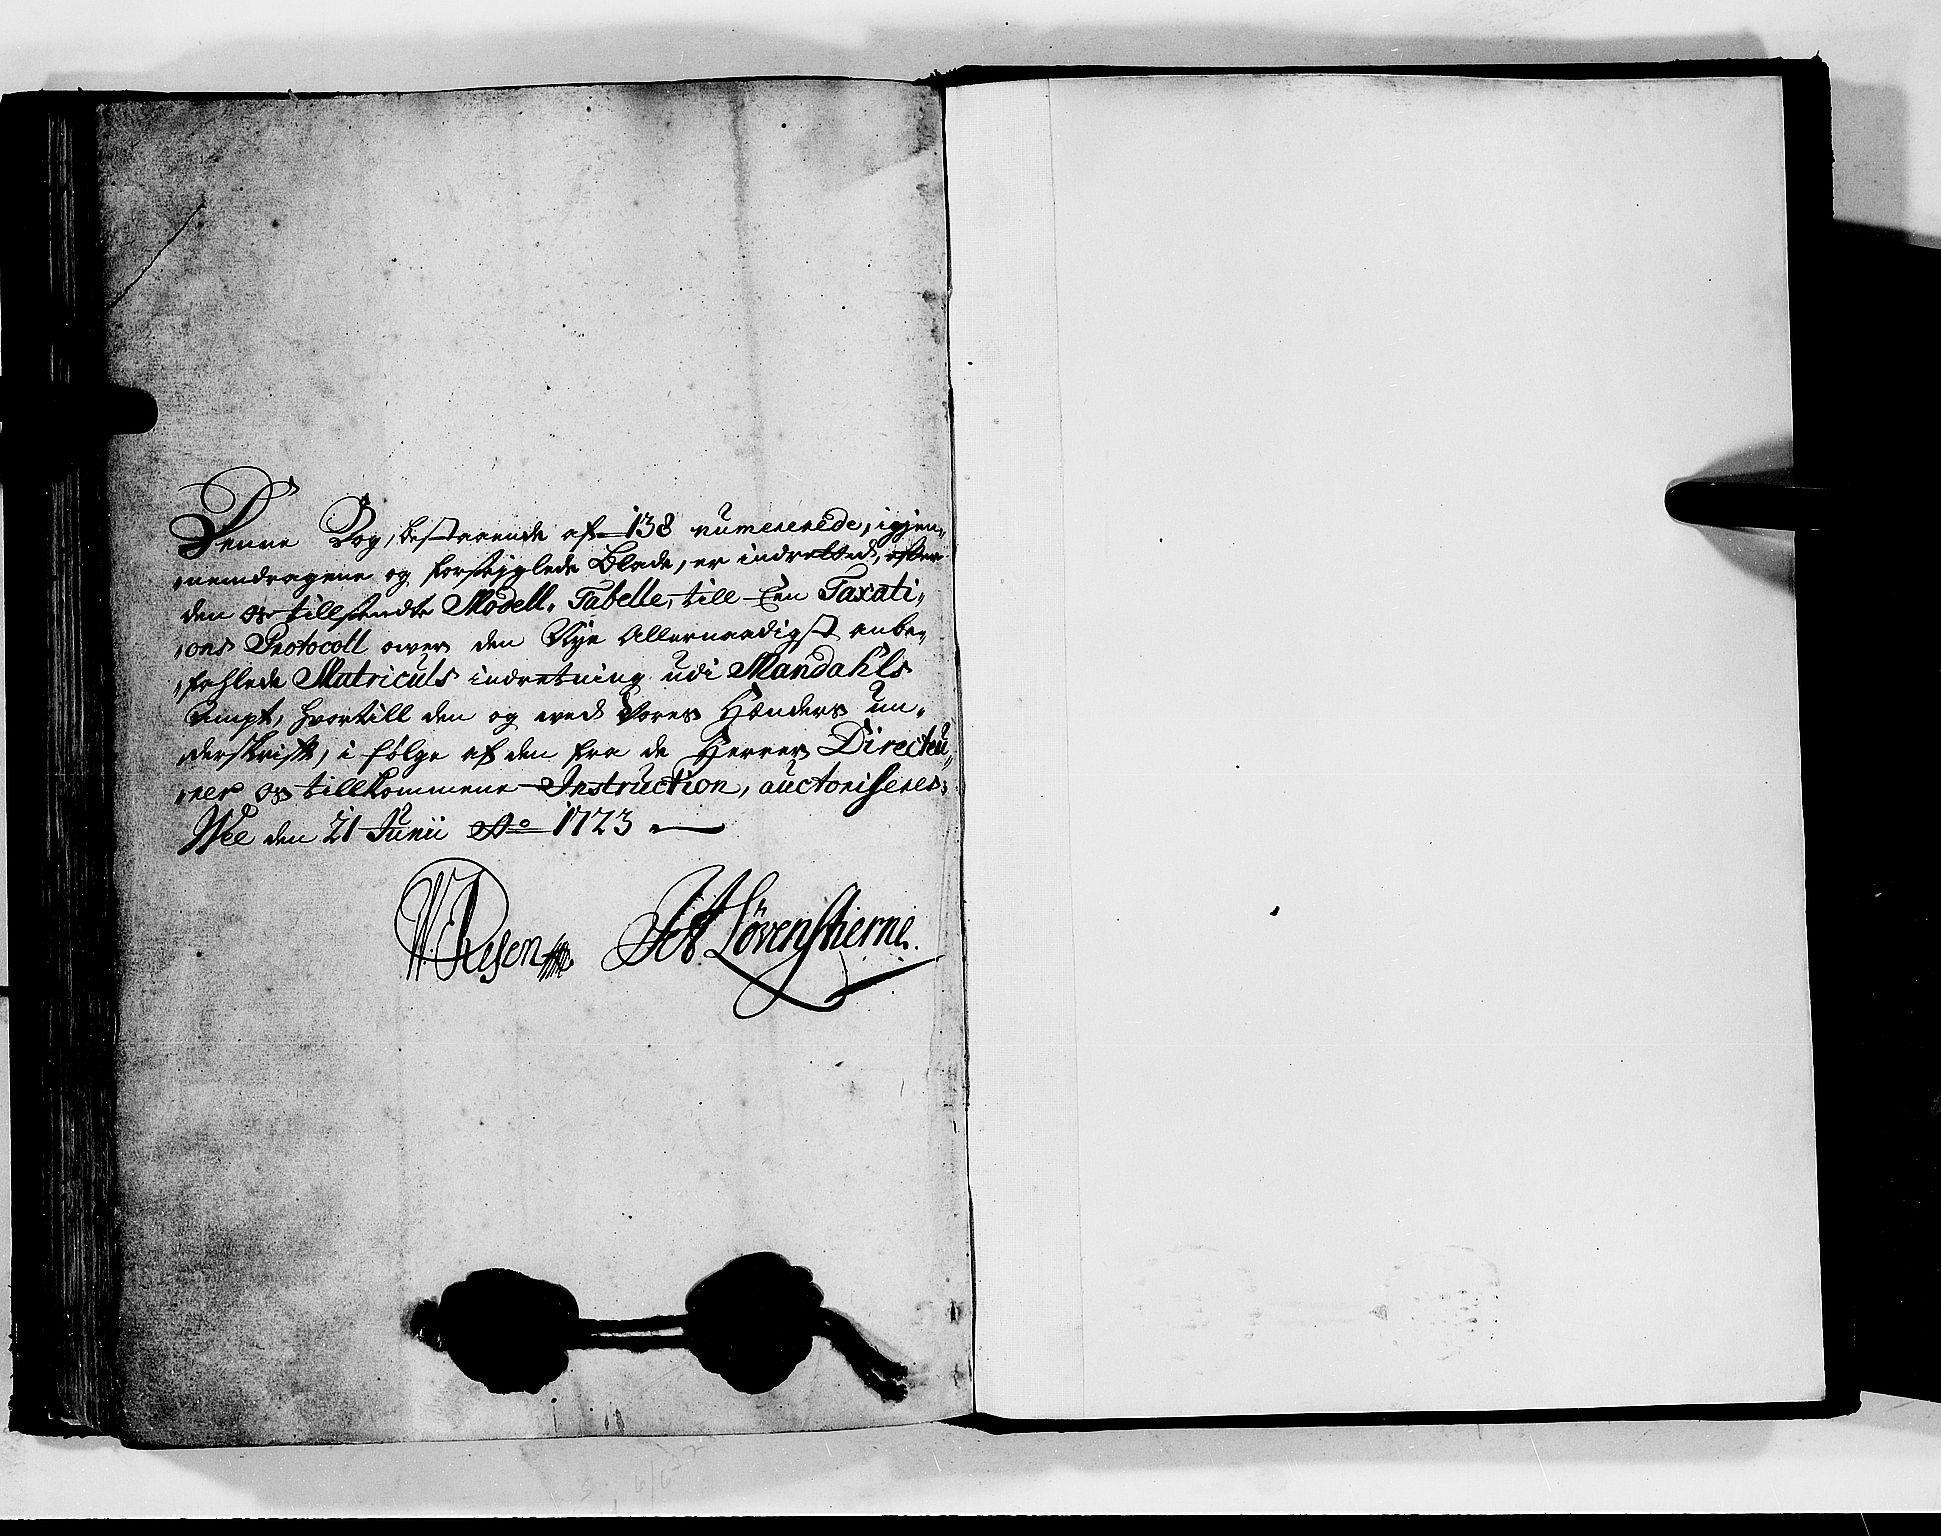 RA, Rentekammeret inntil 1814, Realistisk ordnet avdeling, N/Nb/Nbf/L0128: Mandal matrikkelprotokoll, 1723, s. upaginert